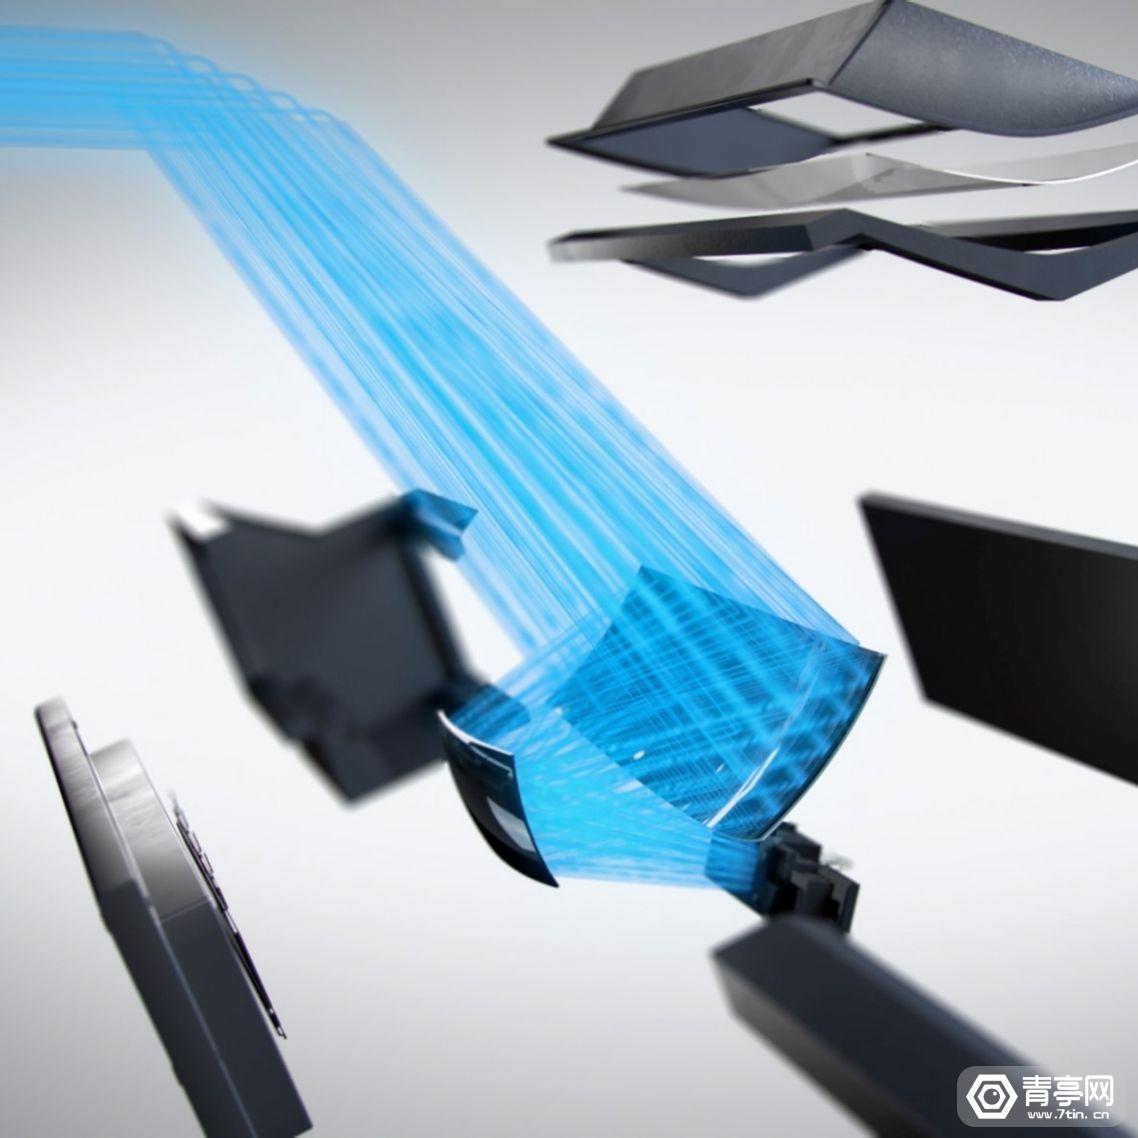 康宁为现代摩比斯AR HUD系统提供2毫米轻薄曲面镜方案